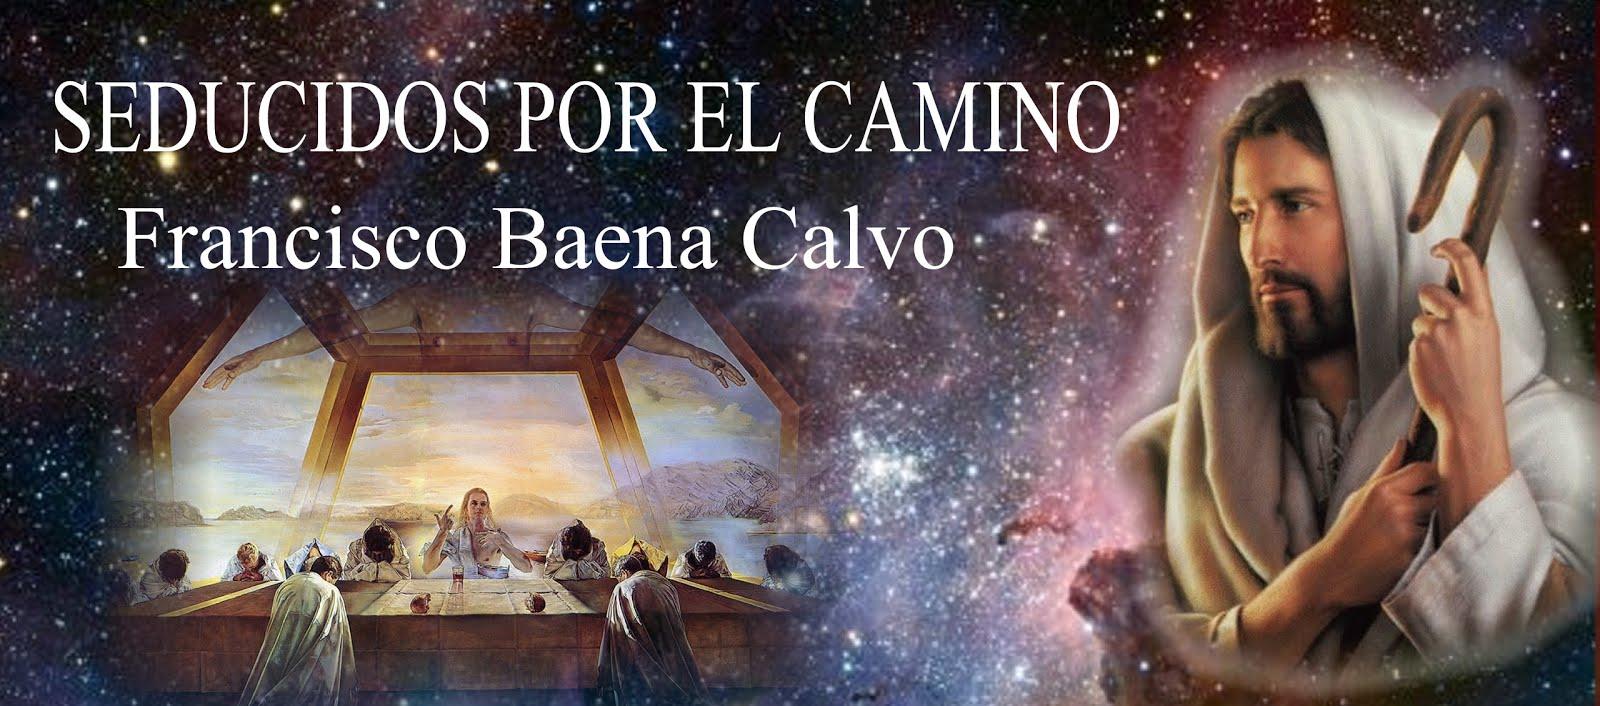 SEDUCIDOS EN EL CAMINO POR JESÚS DE NAZARET